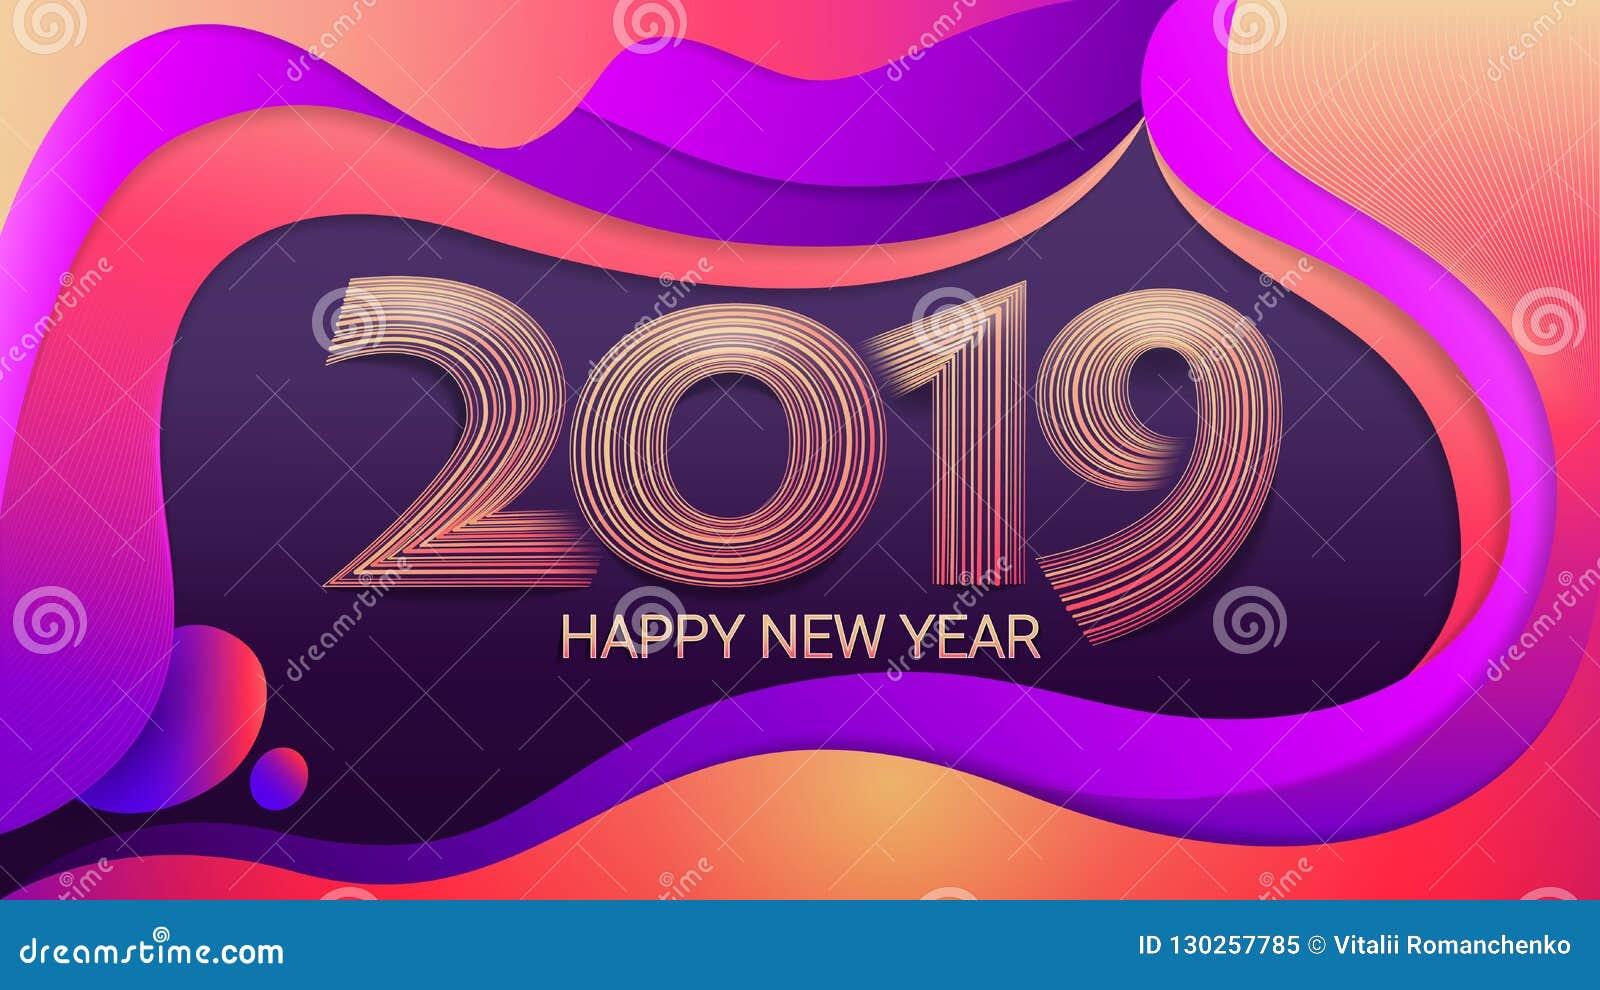 Buon anno 2019 Natale Fondo olorful del ¡ di Ð illustrazione astratta di vettore celebrazione